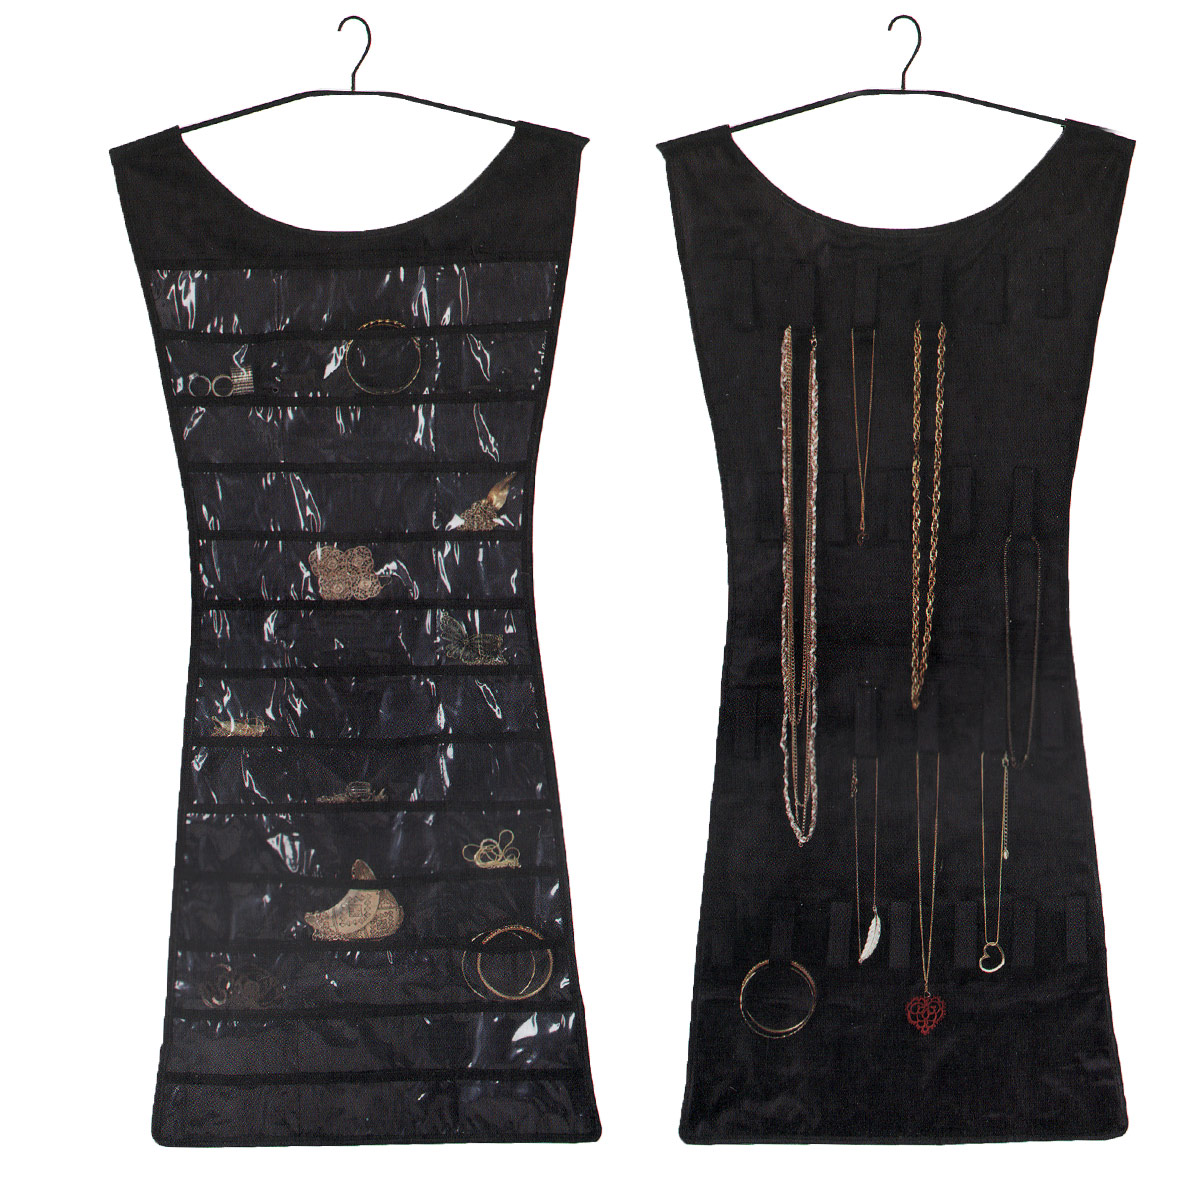 Органайзер для украшений Umbra Little black dress, цвет: черный, 46,4 х 92 см299035-040Органайзер Umbra Little black dress создан для всего, что есть в коллекции модницы: на одной стороне 24 петельки для бус, цепочек, браслетов, часов и массивных серег, на другой - 39 прозрачных кармана для мелких вещиц (кольца, клипсы, кулоны). Благодаря этой гениальной вещи вся бижутерия будет в порядке, а главное, не нужно искать понадобившуюся вещь - она всегда на виду. Еще одна удобная деталь: органайзер можно повесить прямо в шкаф, вешалка включена в комплект. Так что теперь, подбирая украшения к наряду, вы потратите меньше времени. Размер органайзера: 46,5 см х 107 см.